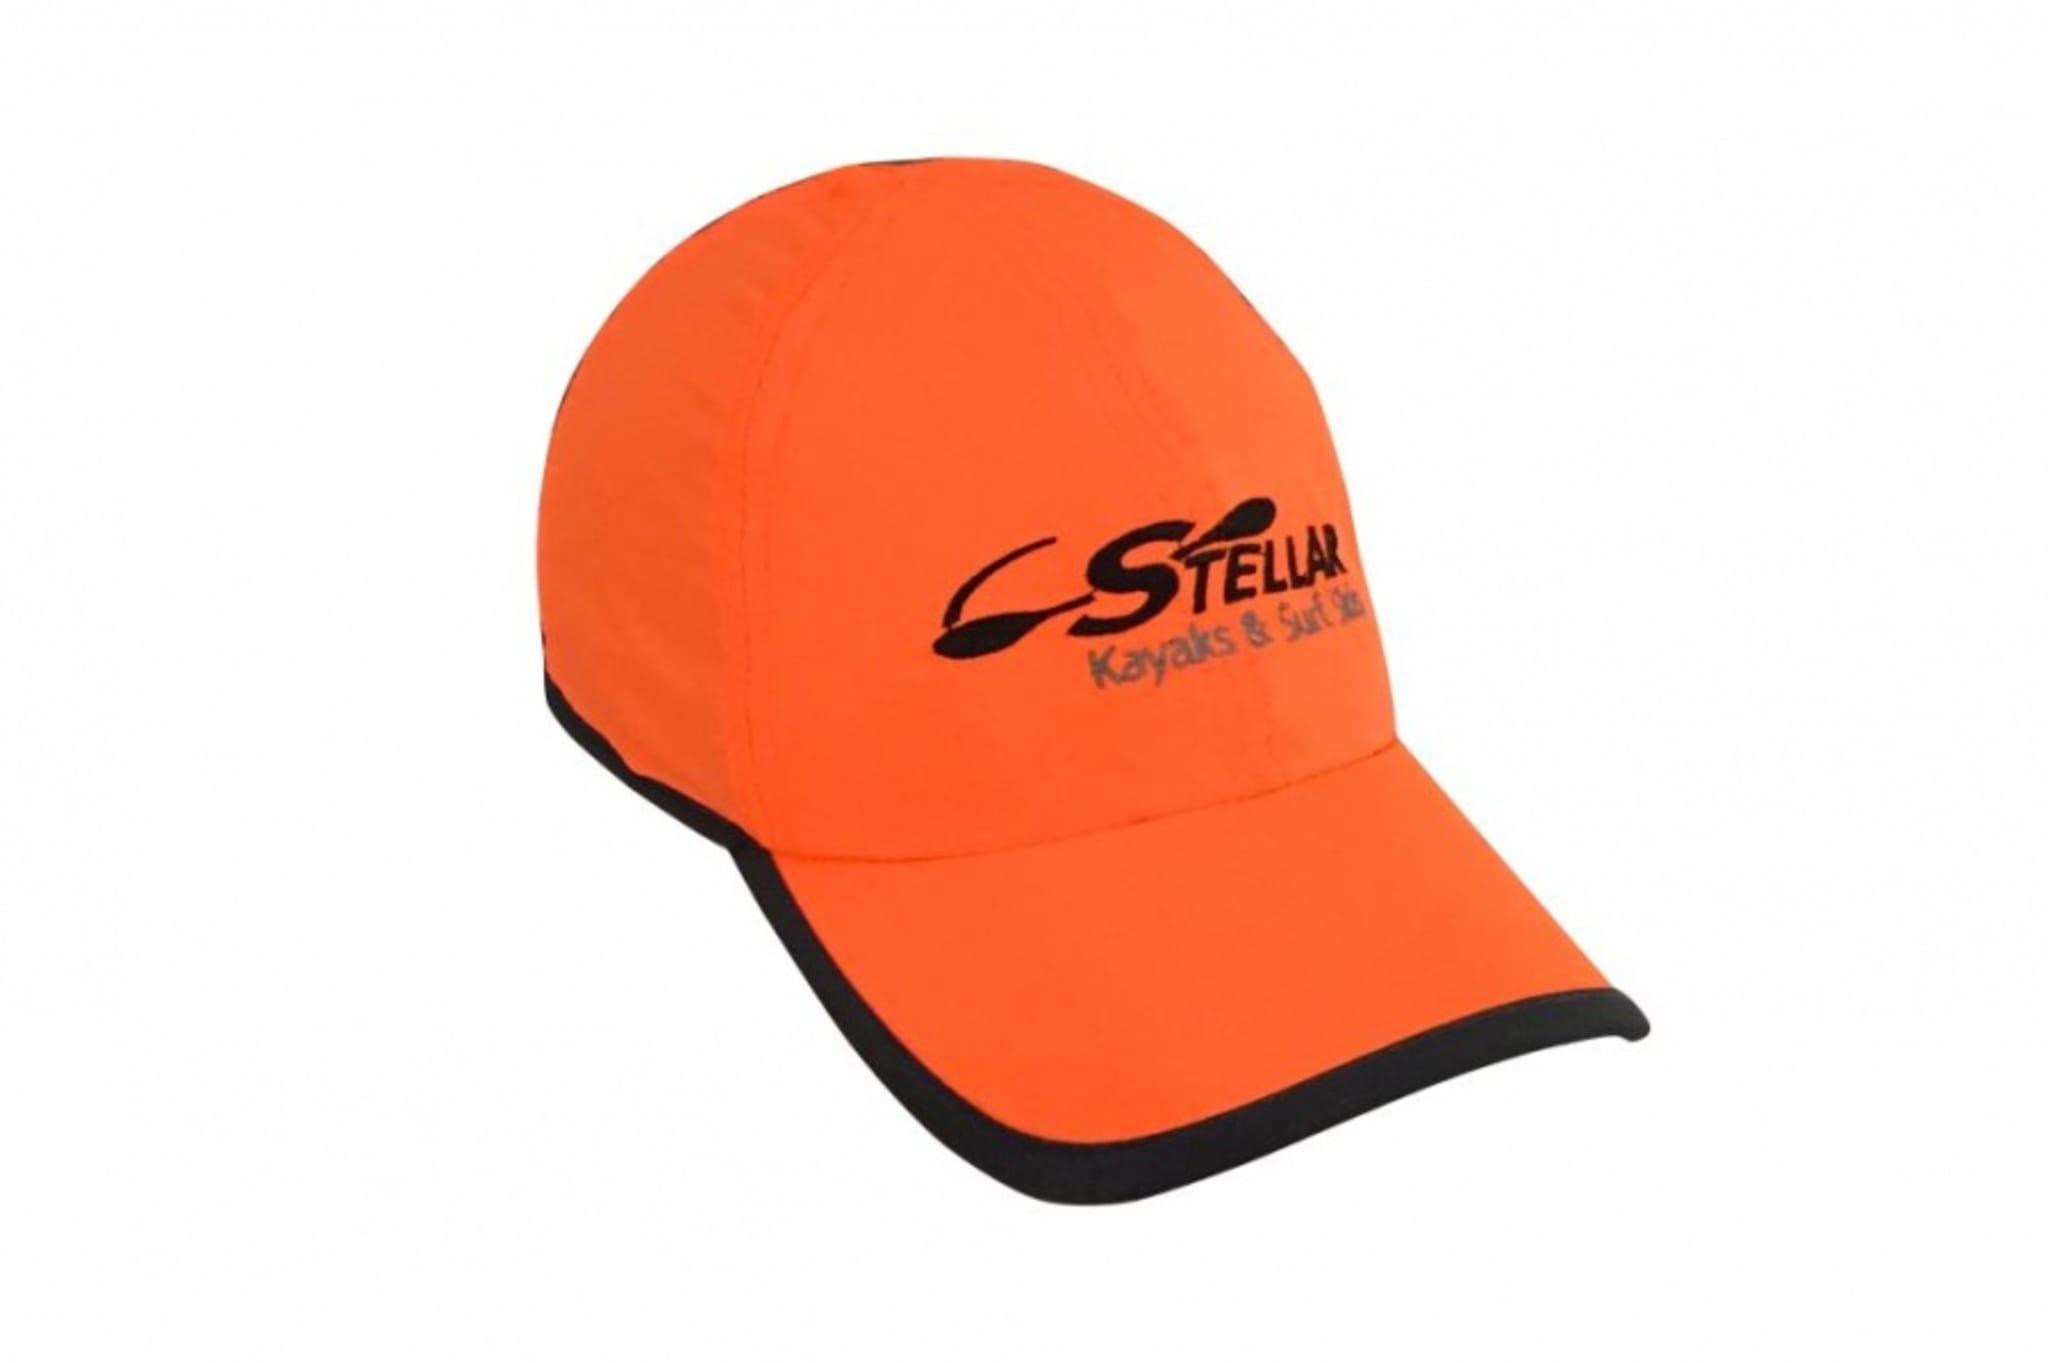 Stellar caps